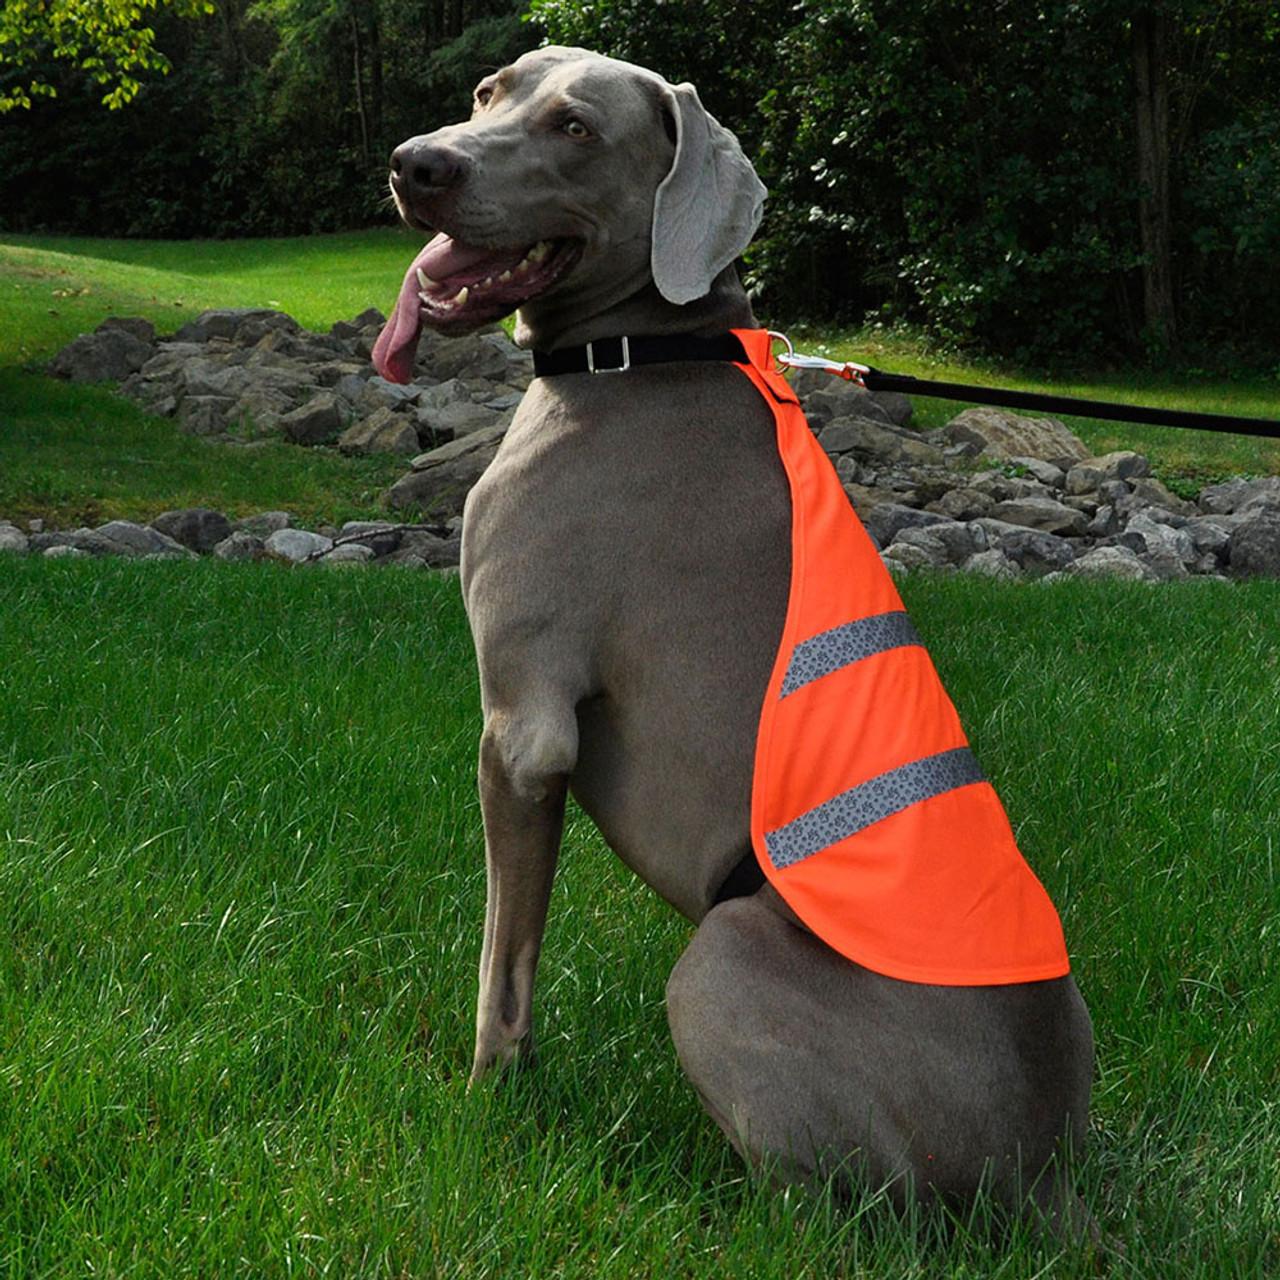 Coastal Reflective Dog Safety Vest